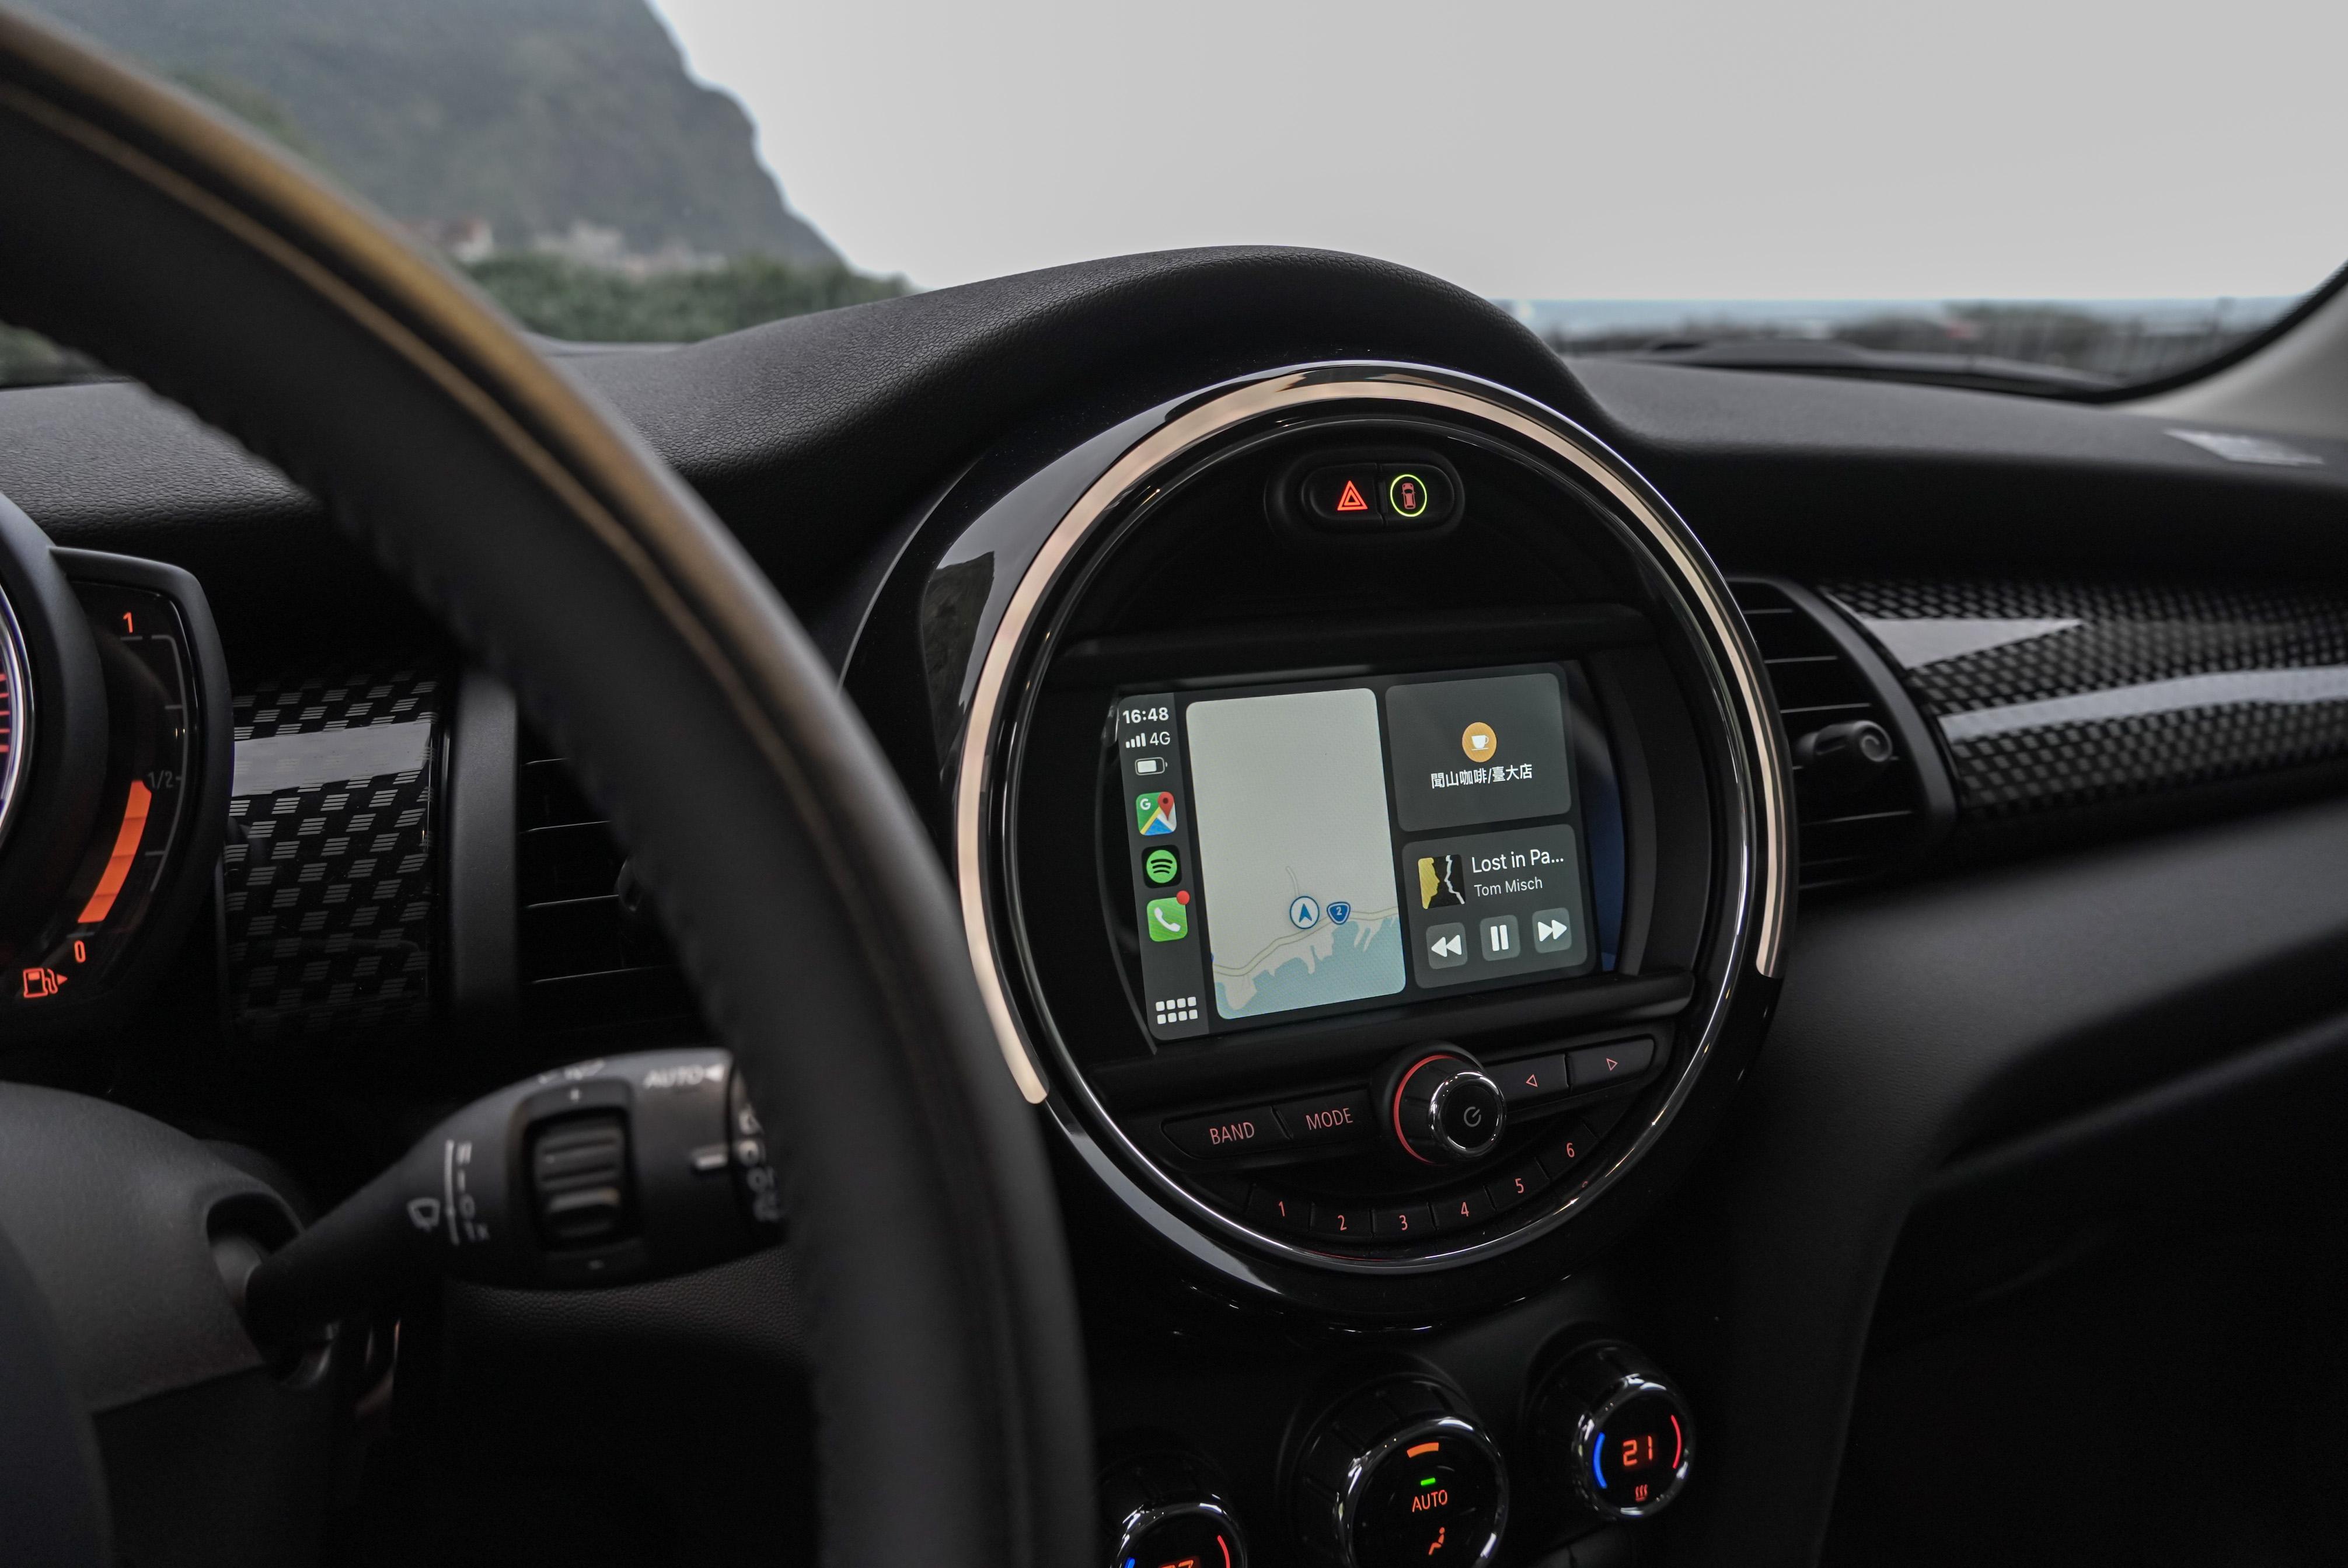 6.5 吋顯示器與藍牙電話系統為標準配備,另可選配 Apple CarPlay 整合系統。